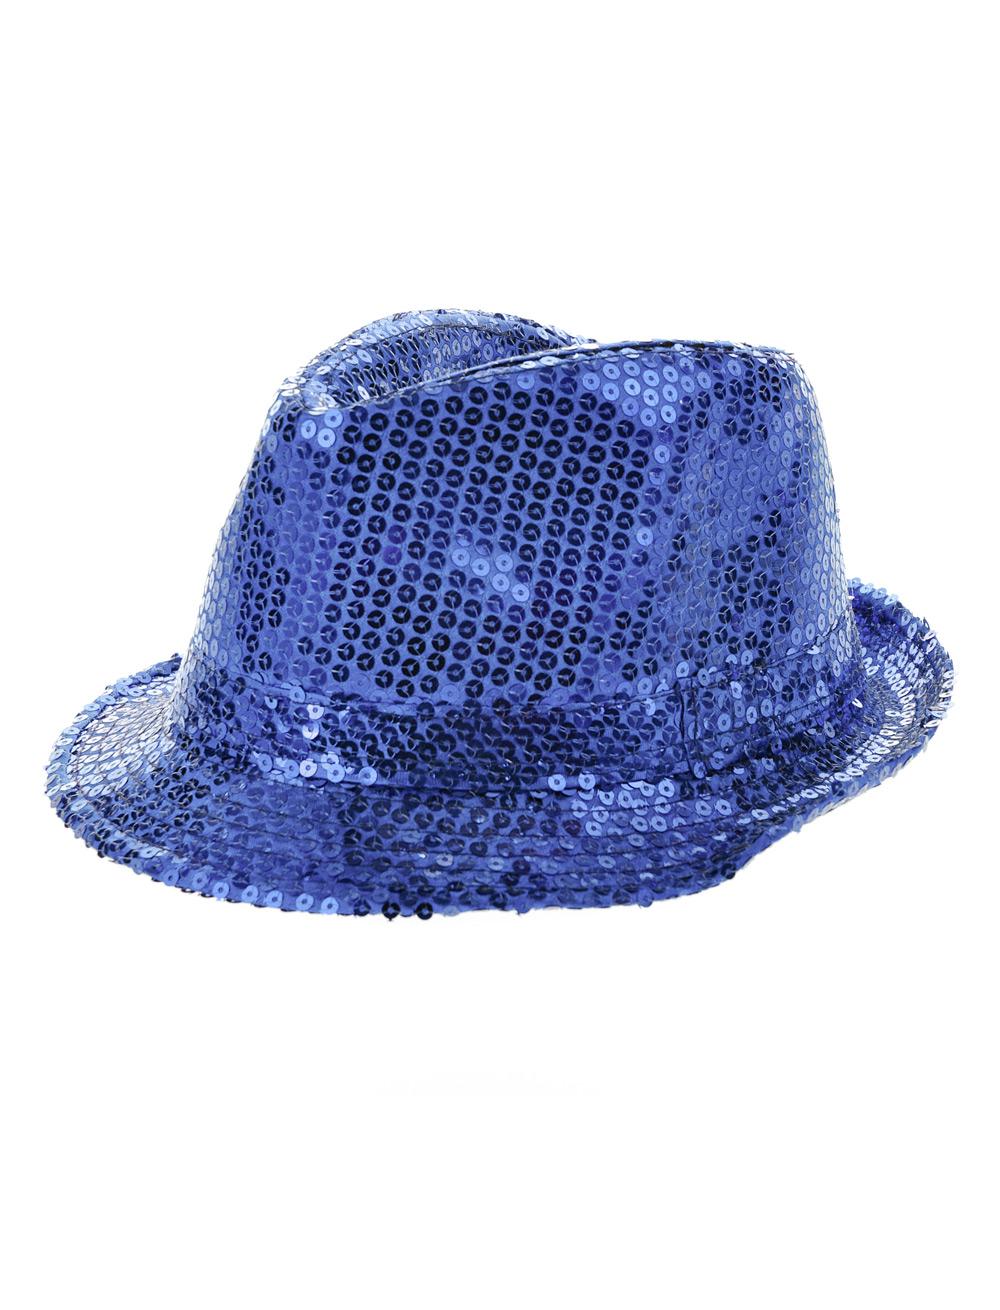 Kostuemzubehor Hut Pailletten blau